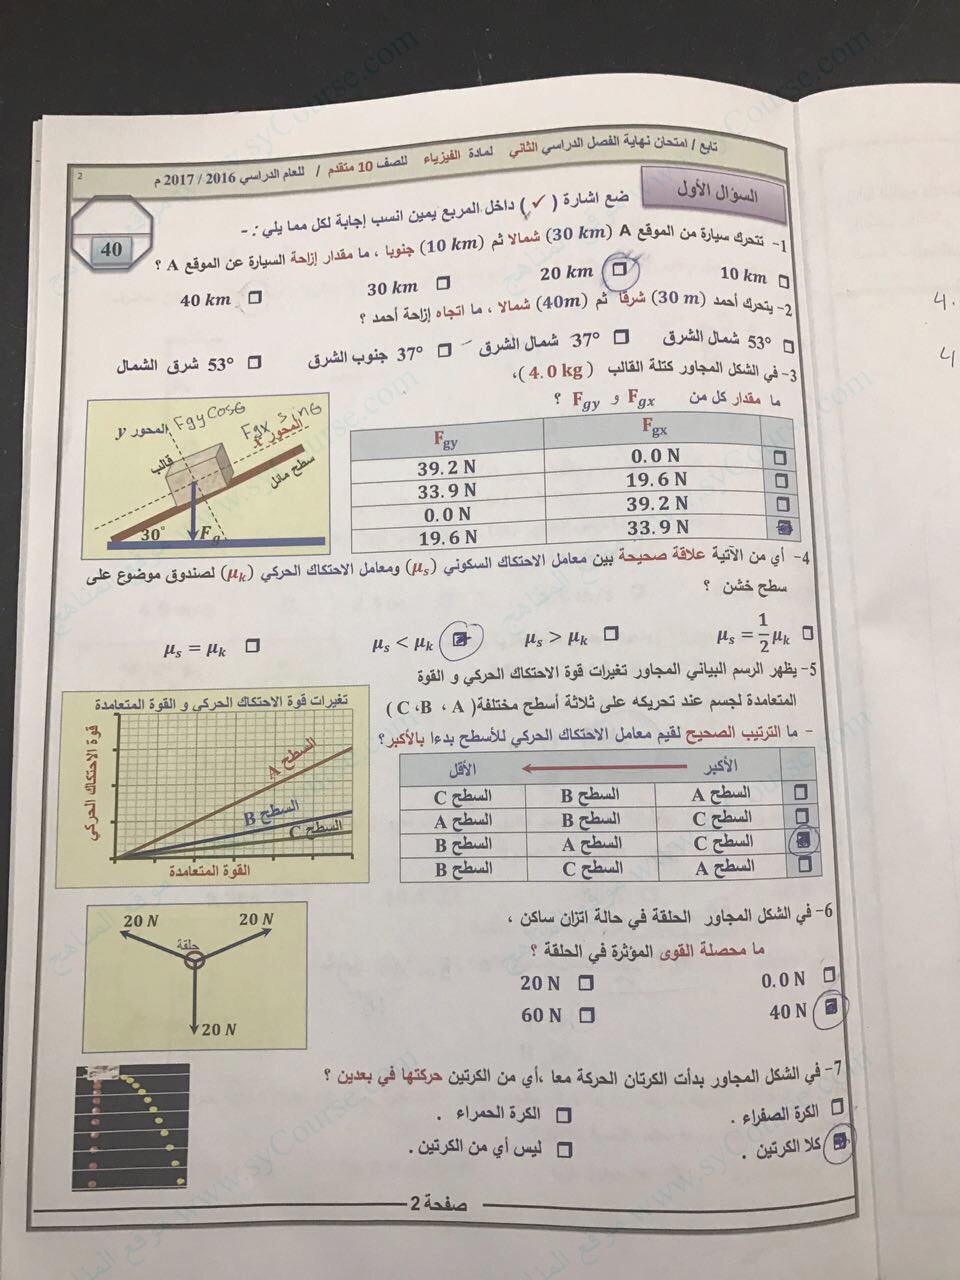 حل كتاب الفيزياء للصف العاشر المنهاج الجديد